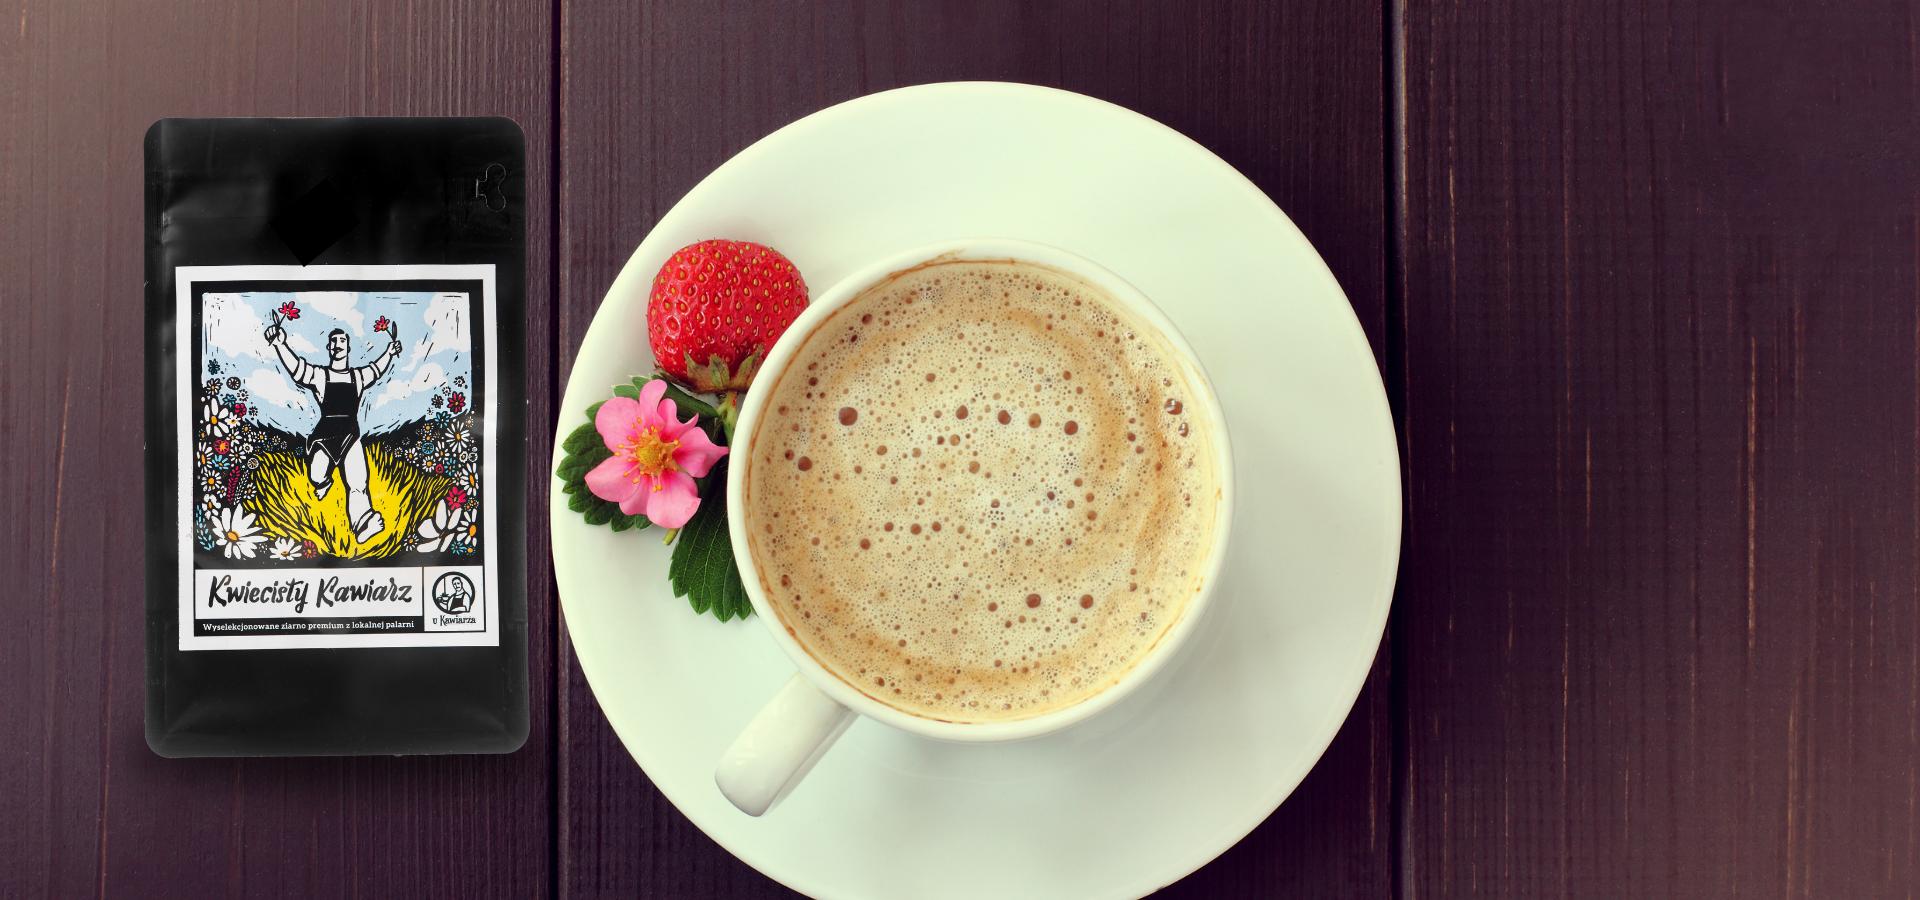 Kwiecisty Kawiarz, sezonowa mieszanka kawy, w towarzystwie świeżo zaparzonego naparu i truskawki. Idealne espresso na idealny dzień.